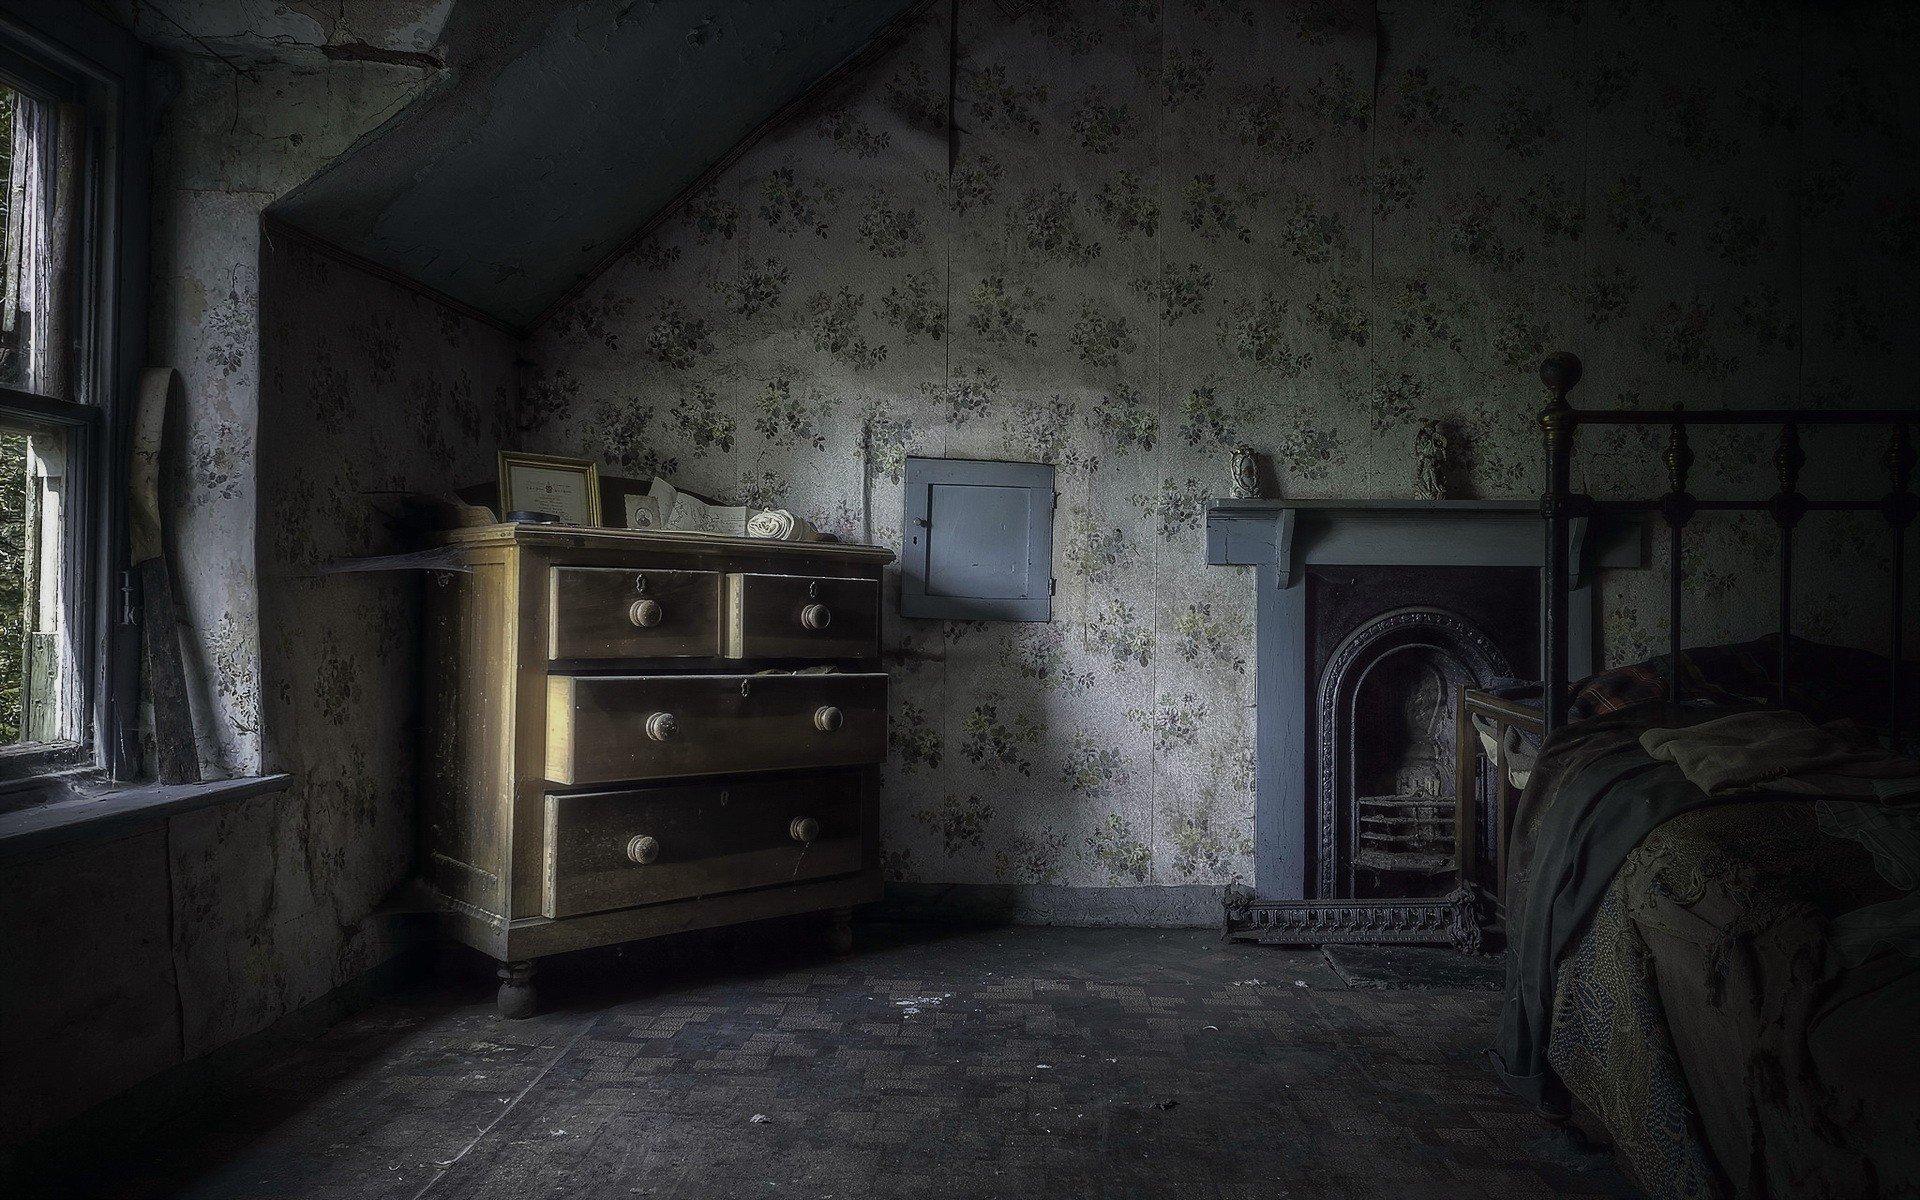 Hintergrundbilder : 1920x1200 px, gotisch, Haus, Innenräume, Zimmer ...